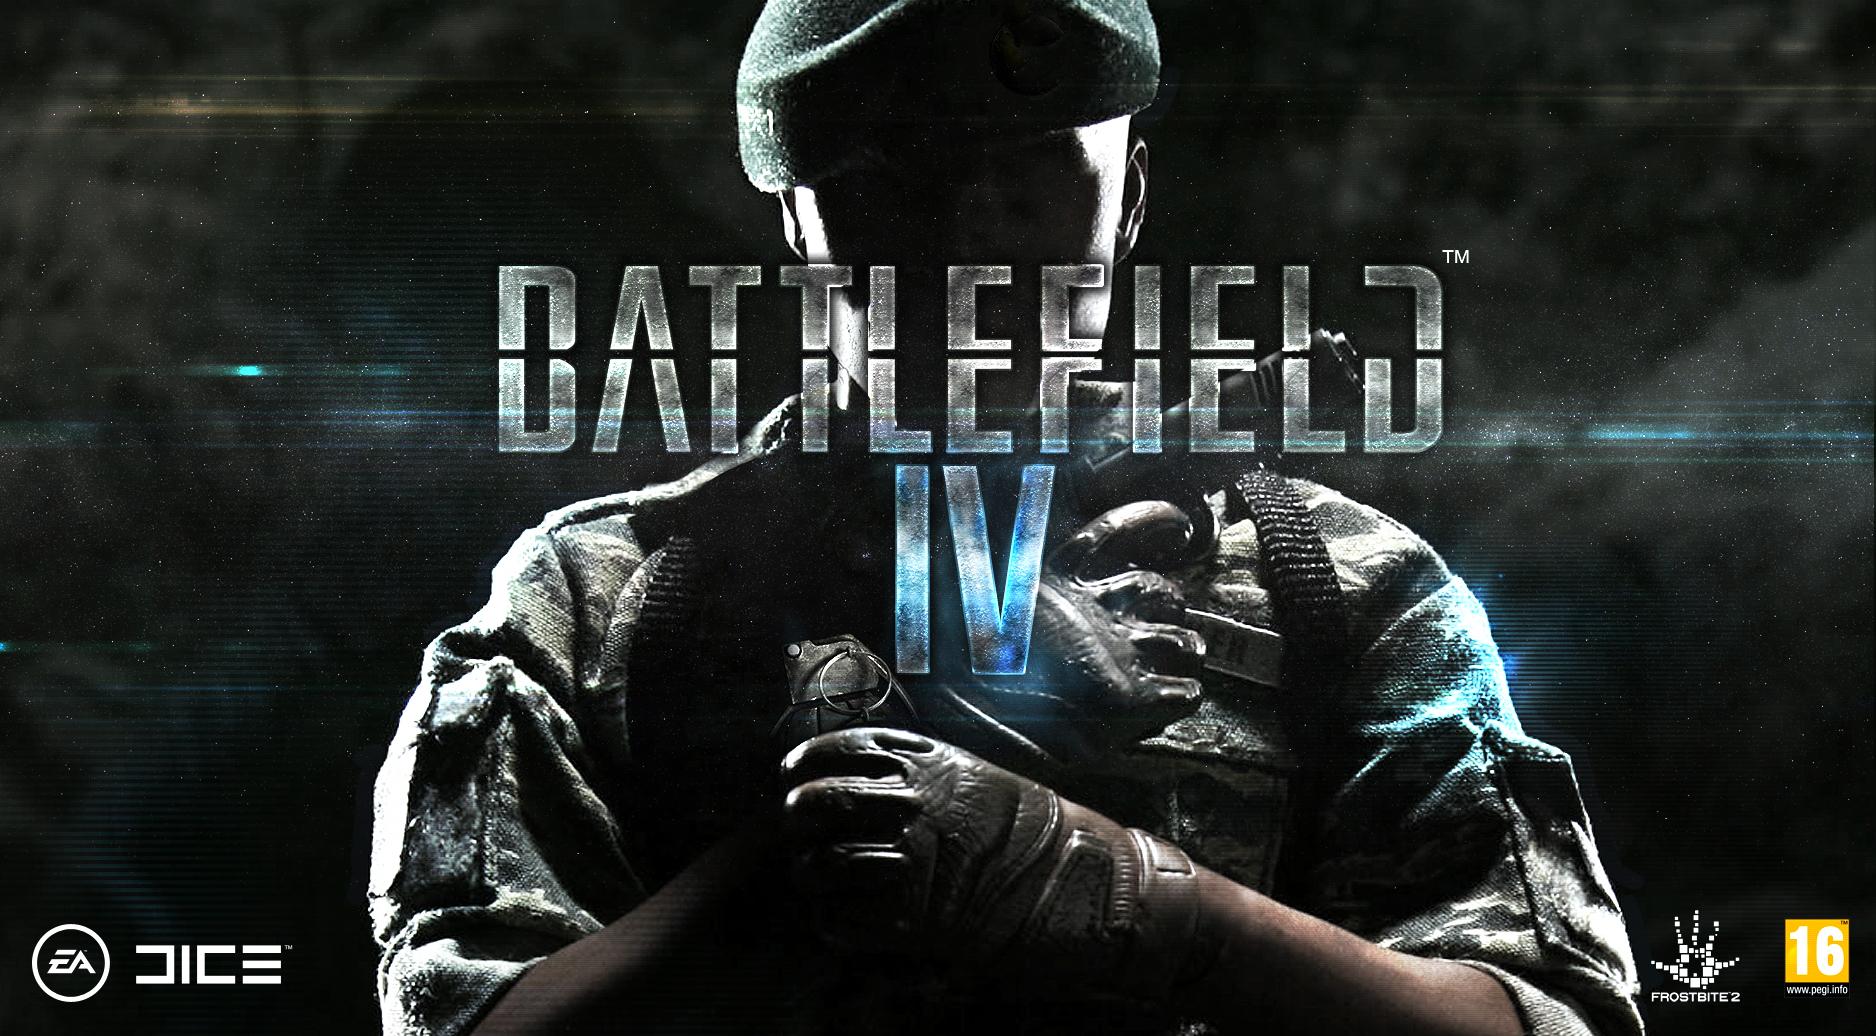 Pré-commande : -25% sur Battlefield 4 (+ Premium Expansion Pack) sur PC